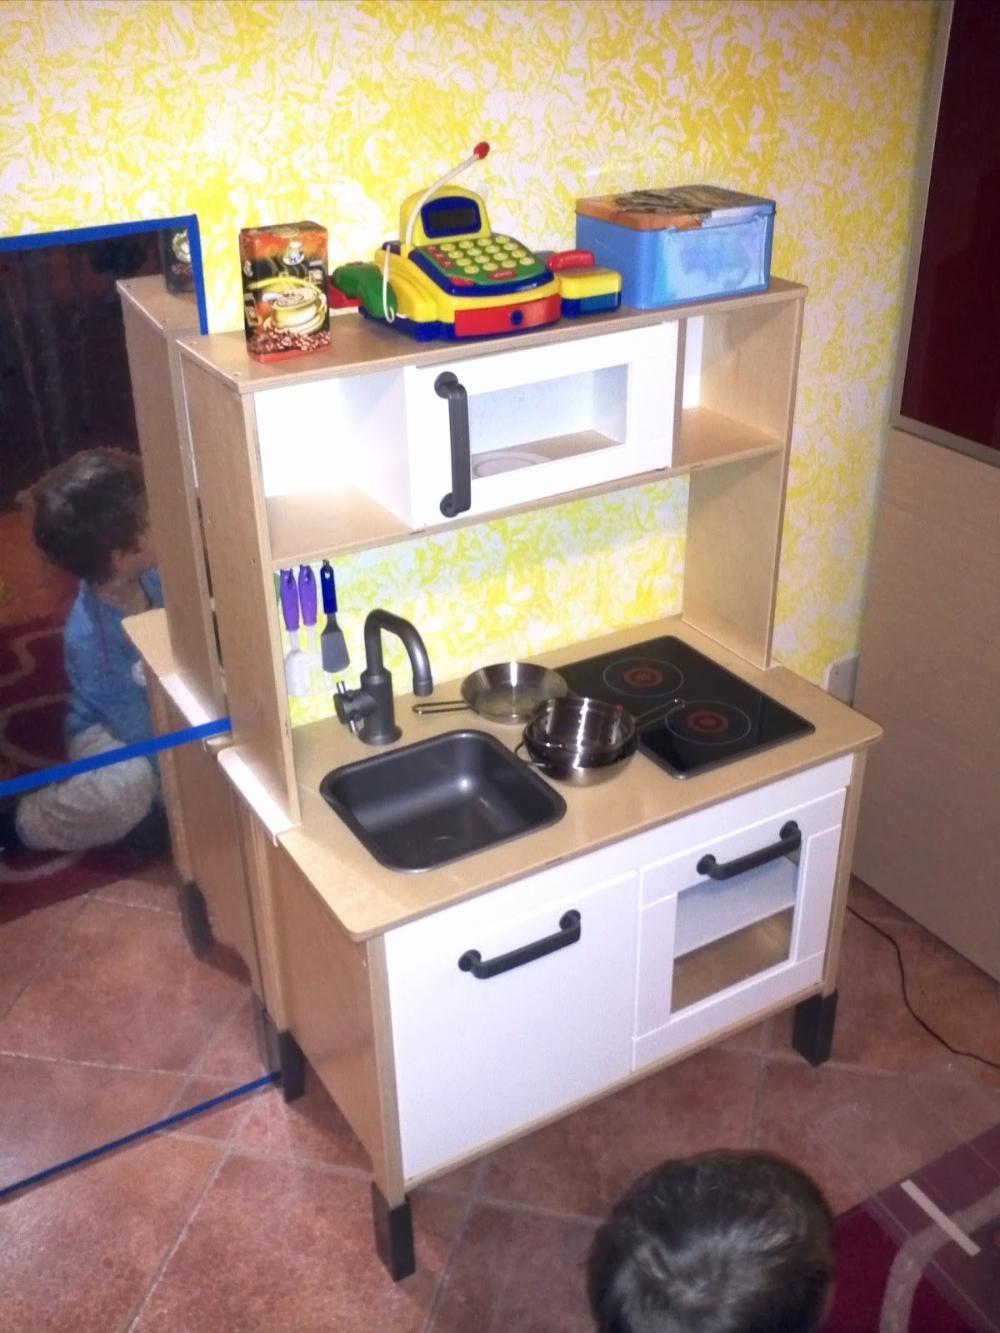 Cucine Giocattolo In Legno Usate.Giocattoli In Legno Ikea Fresco Cucina Ikea Duktig Usata Of